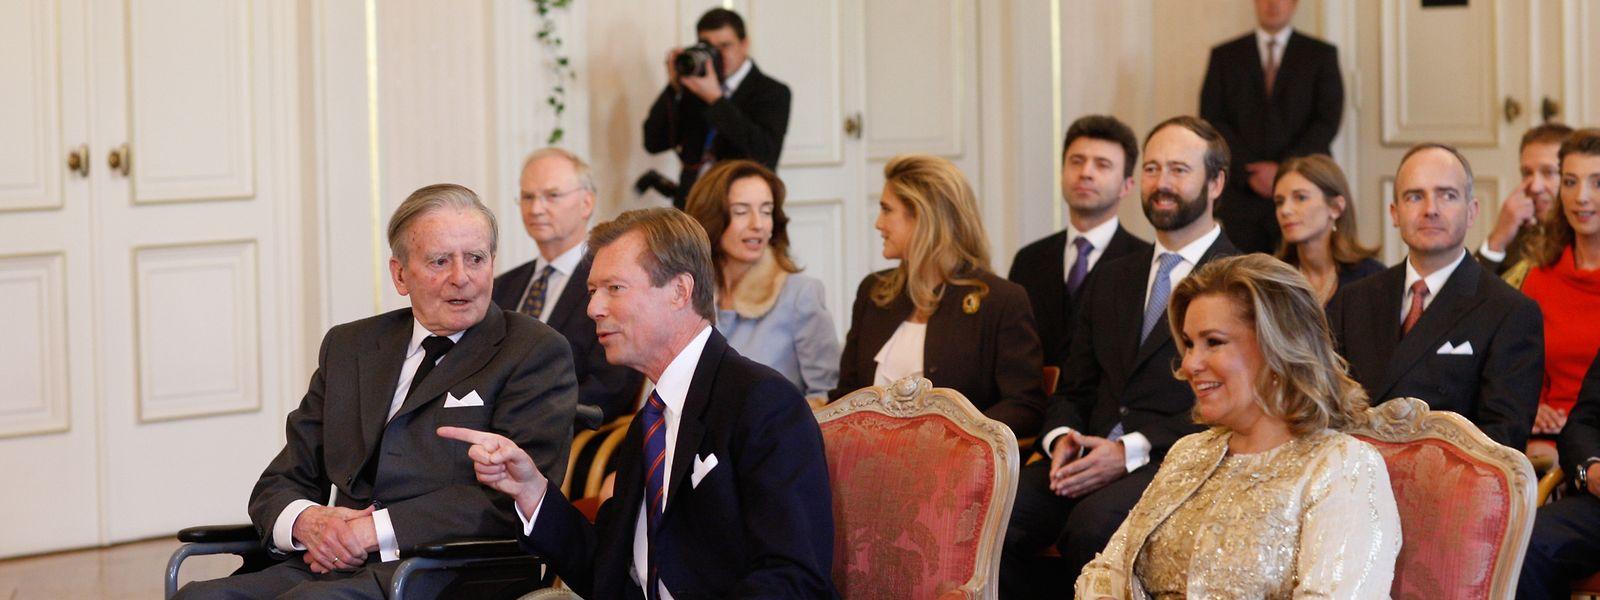 Graf Philippe de Lannoy (links) im Oktober 2012 bei der zivilen Hochzeitszeremonie seiner Tochter in Luxemburg.